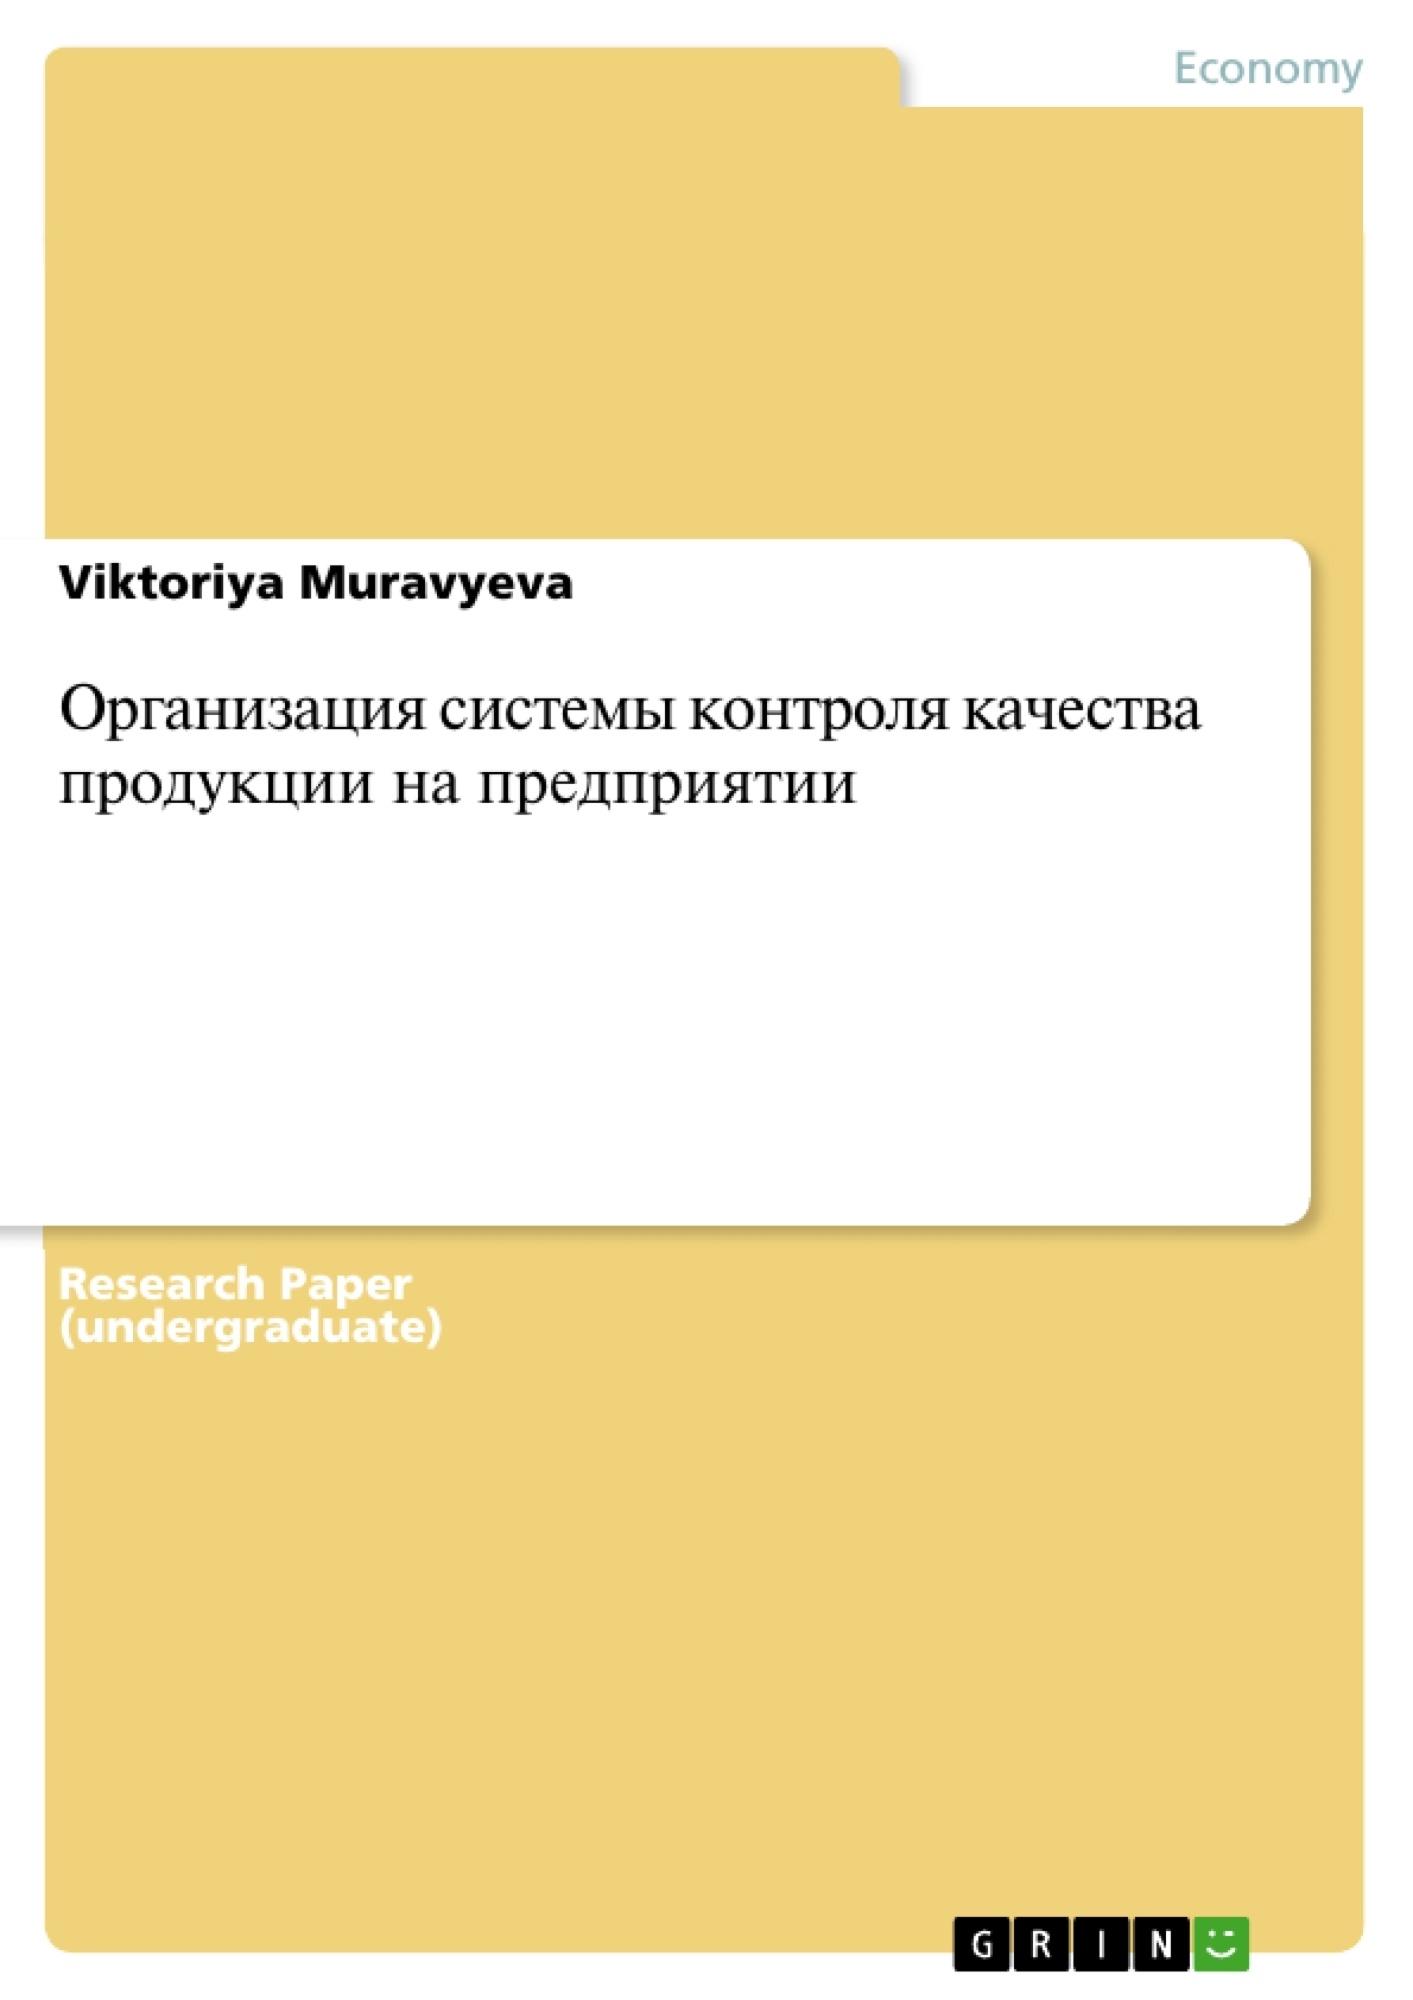 Title: Организация системы контроля качества продукции на предприятии